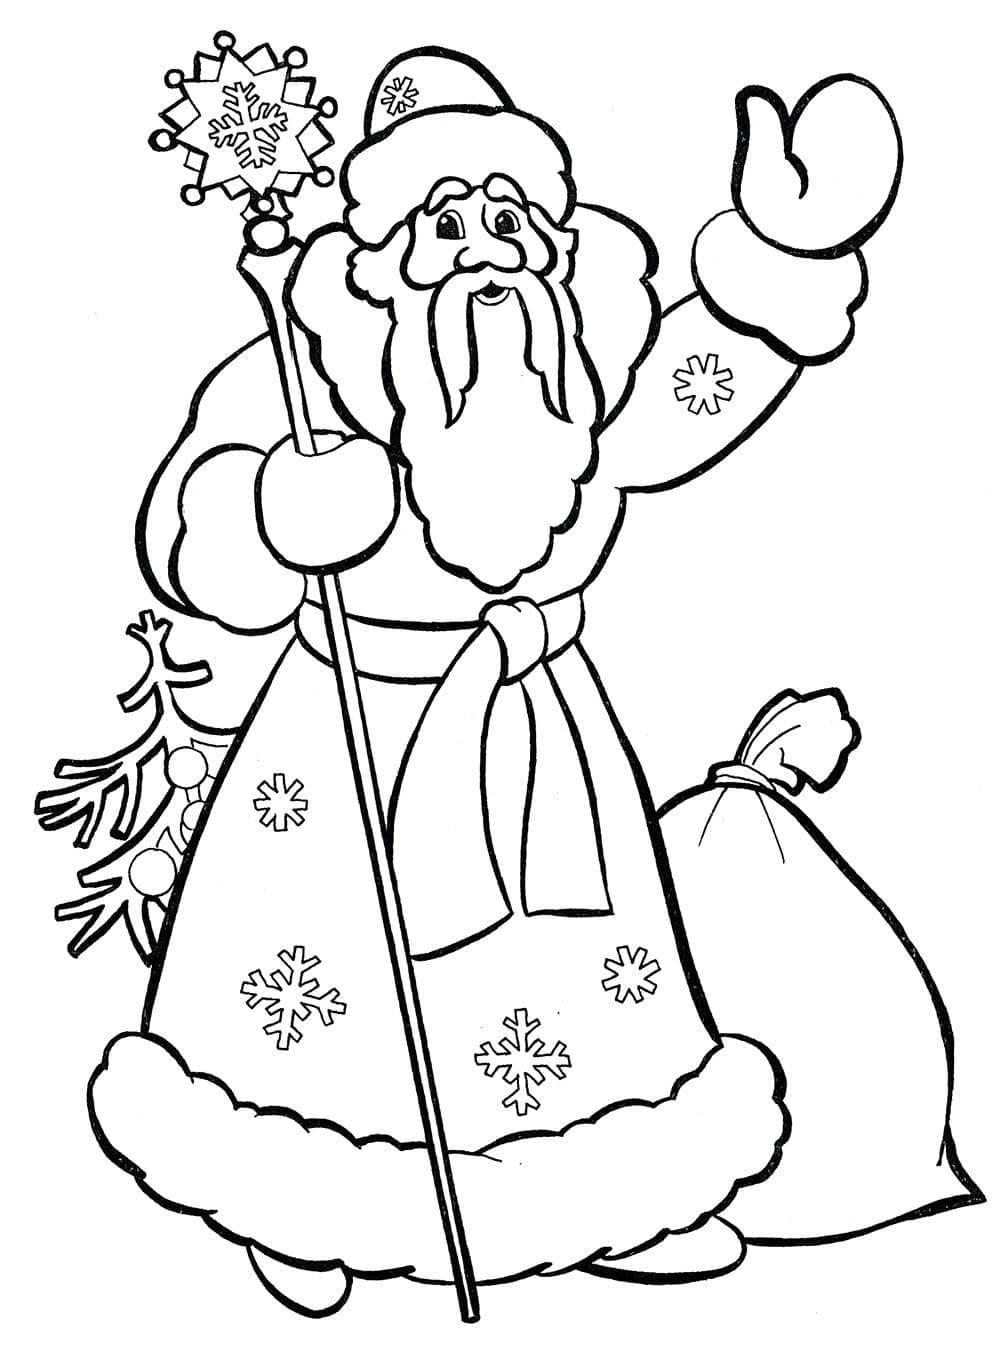 Раскраски дед мороз и снегурочка для детей